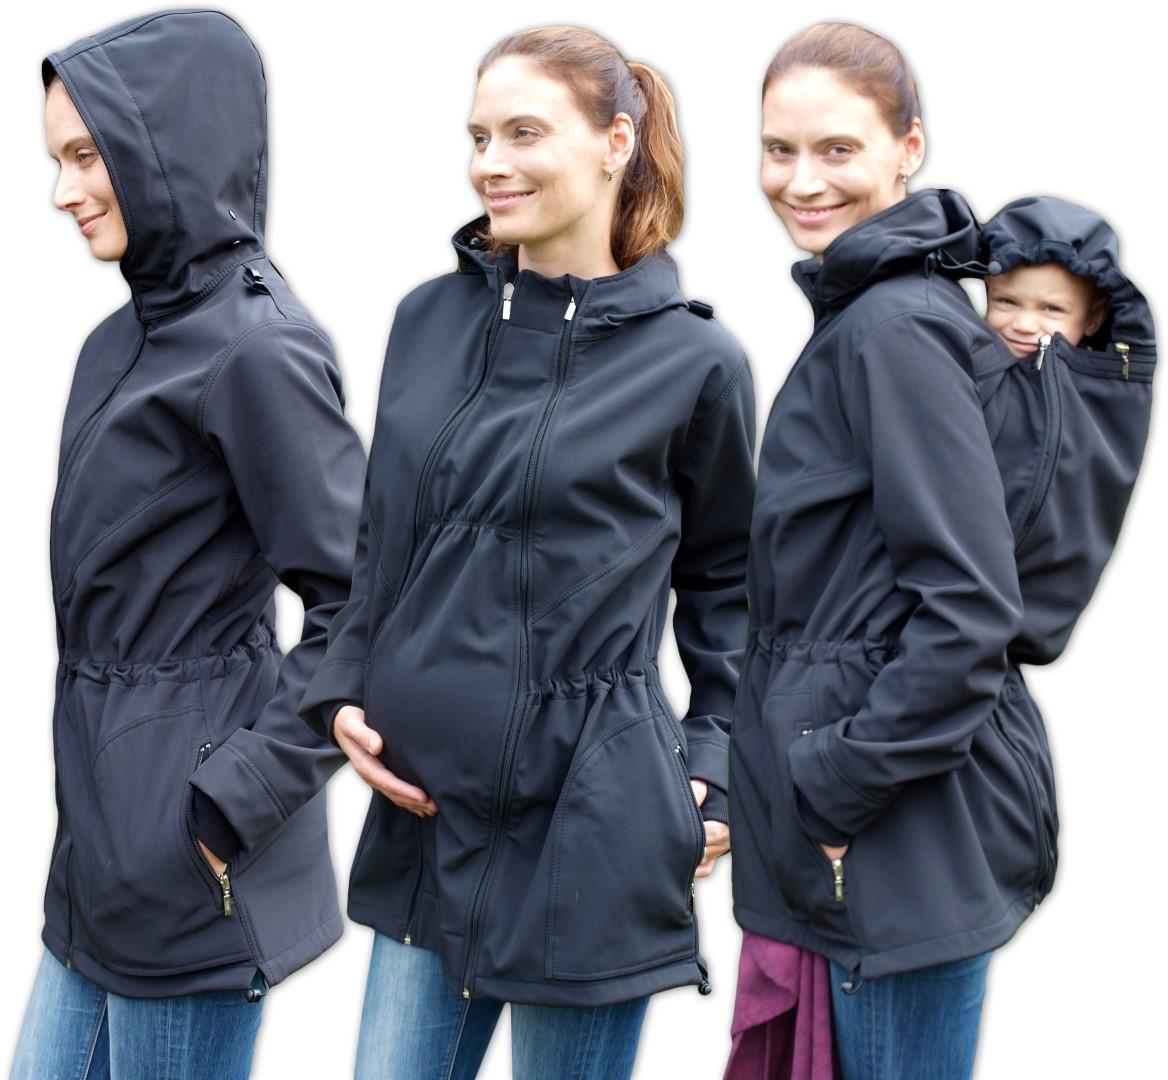 Softshellová těhotenská a nosící bunda Alice 2, černá